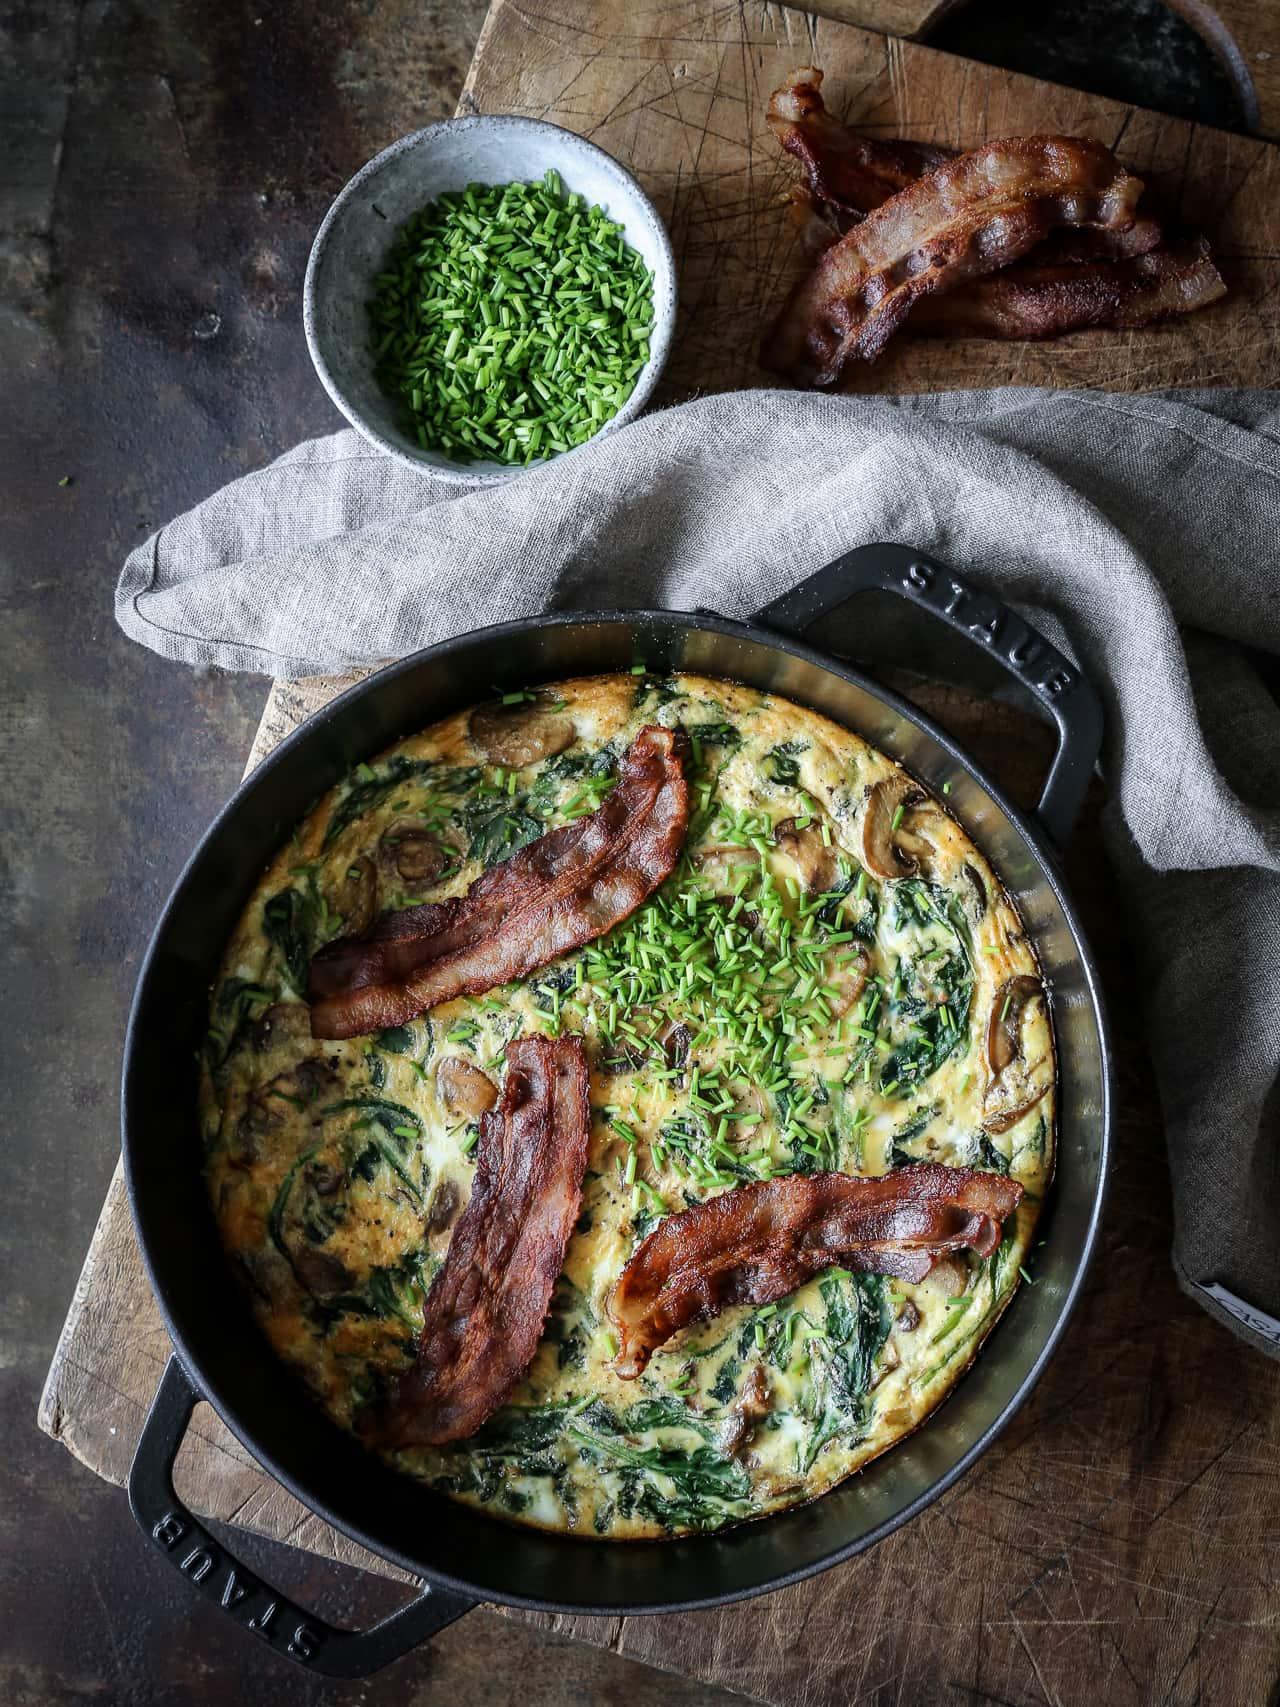 æggekage - opskrift på æggekage bagt i ovnen med spinat, champignon og bacon